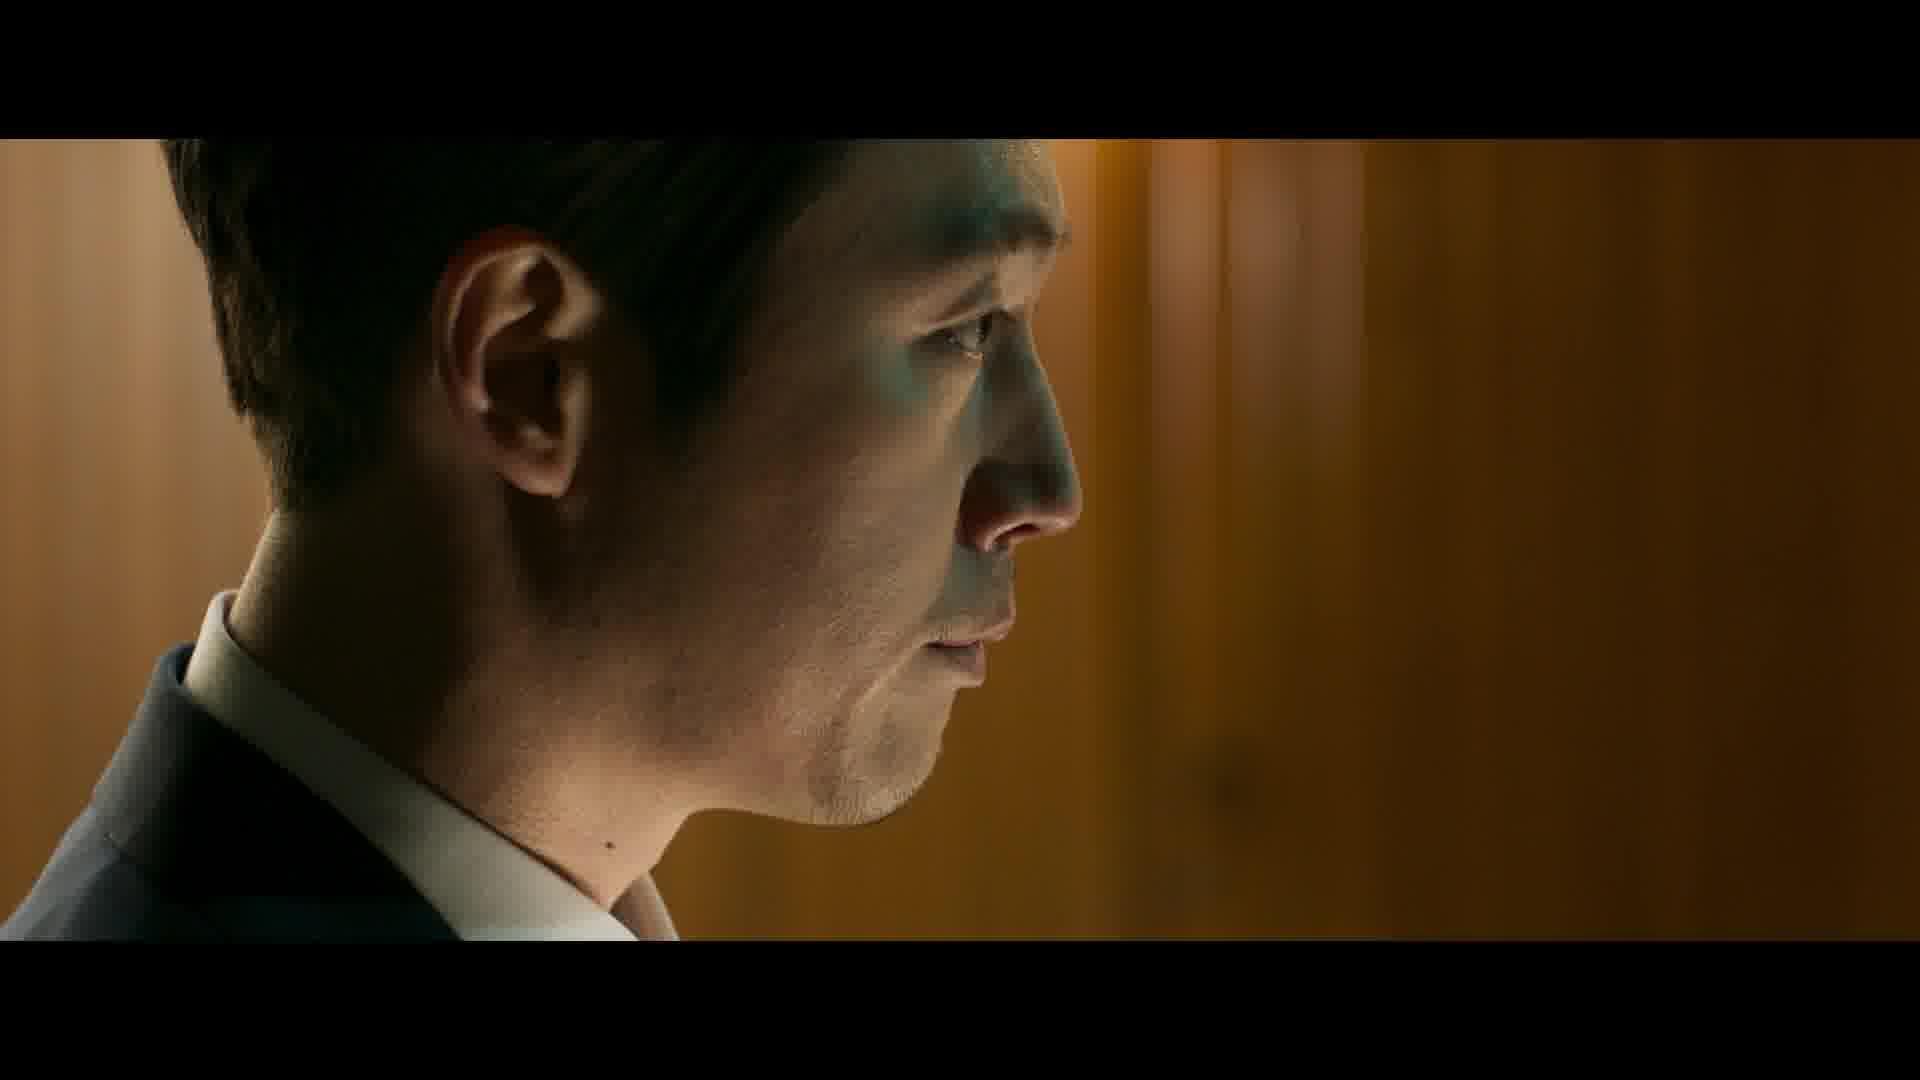 Trailer 1: Ordinary Person